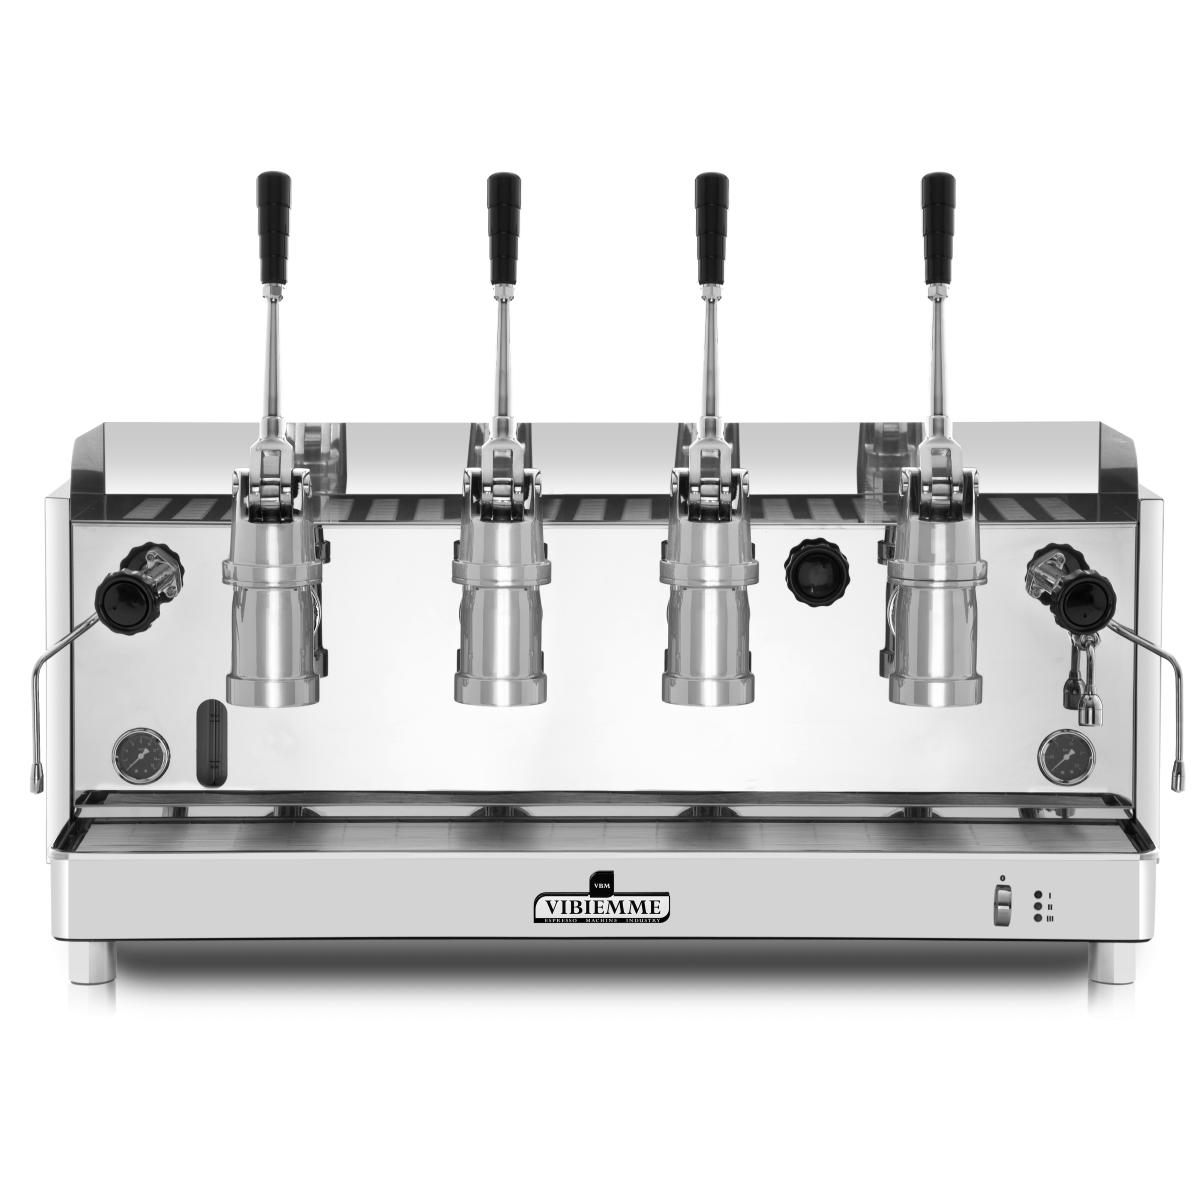 Espressor profesional Vibiemme Replica Pistone, 4 grupuri